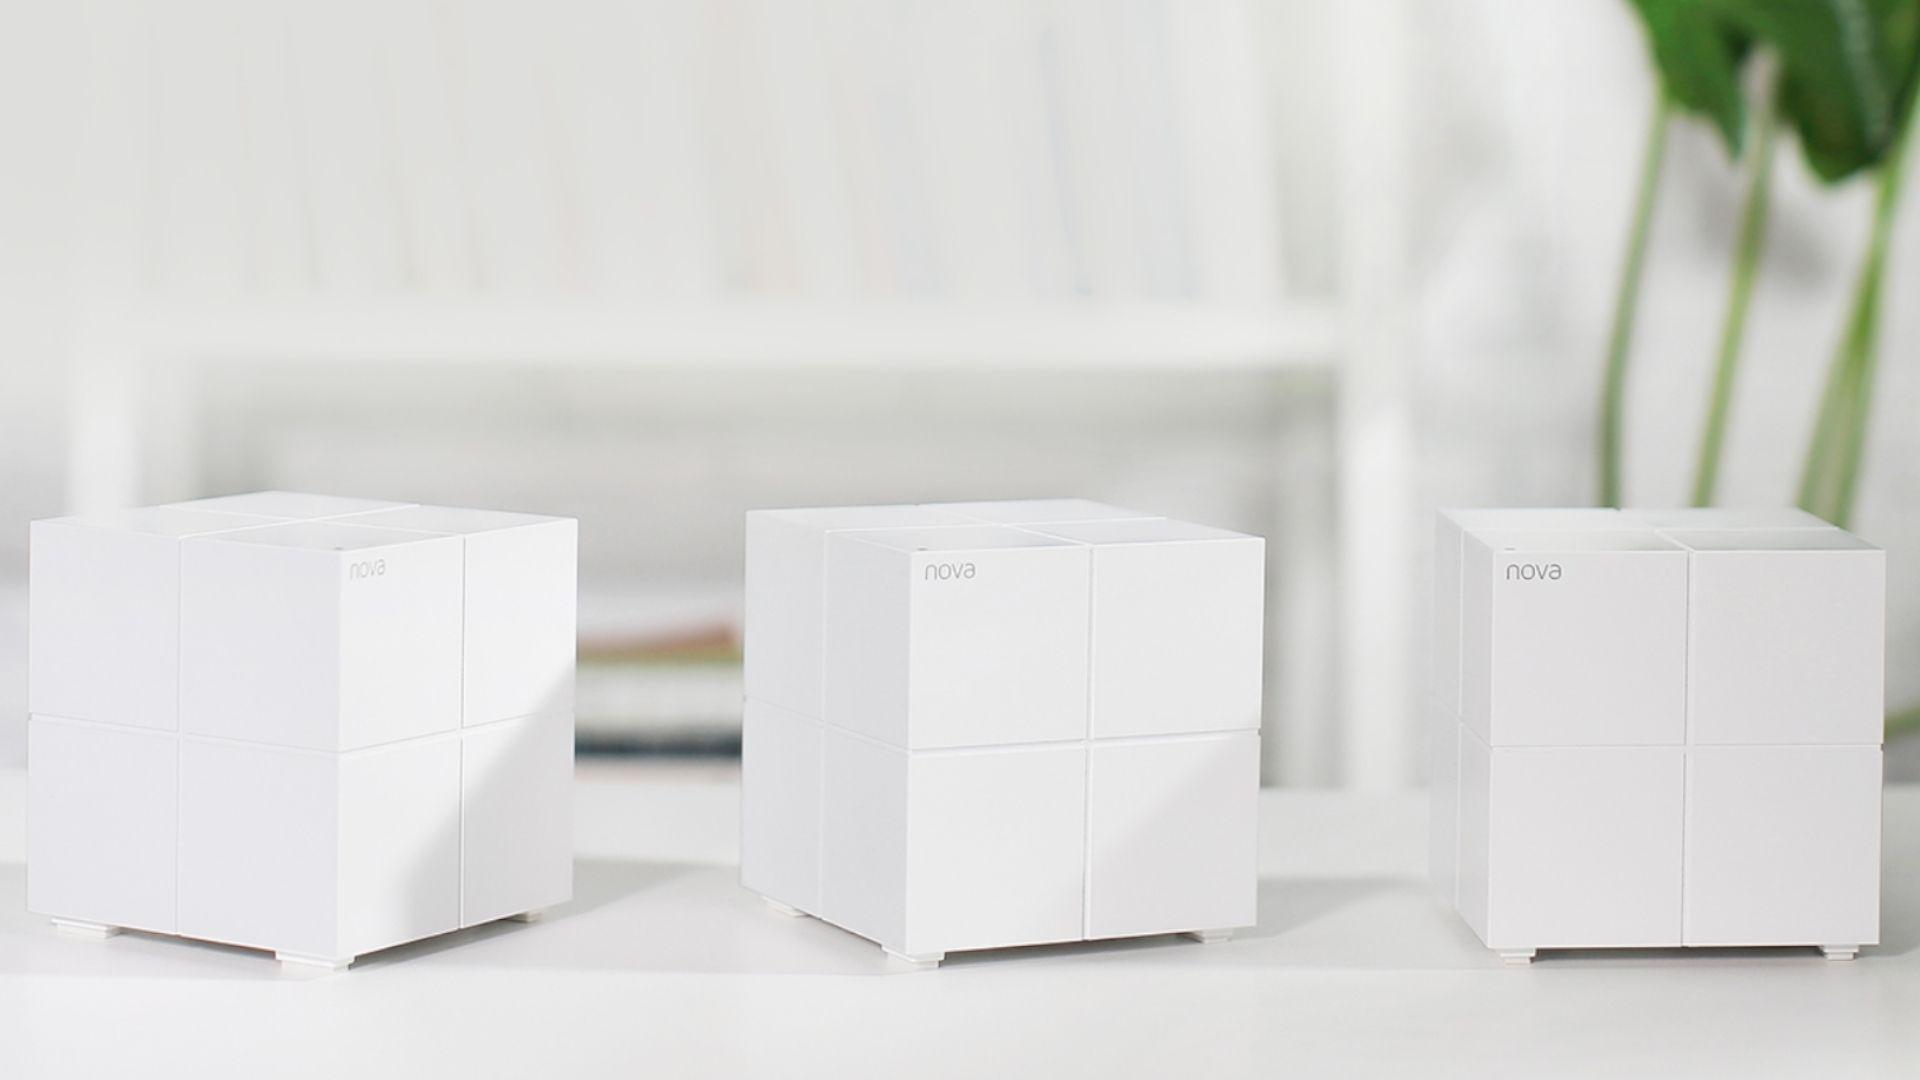 Três modelos do Roteador Mesh Tenda MW6 brancos em cima de uma mesa branca